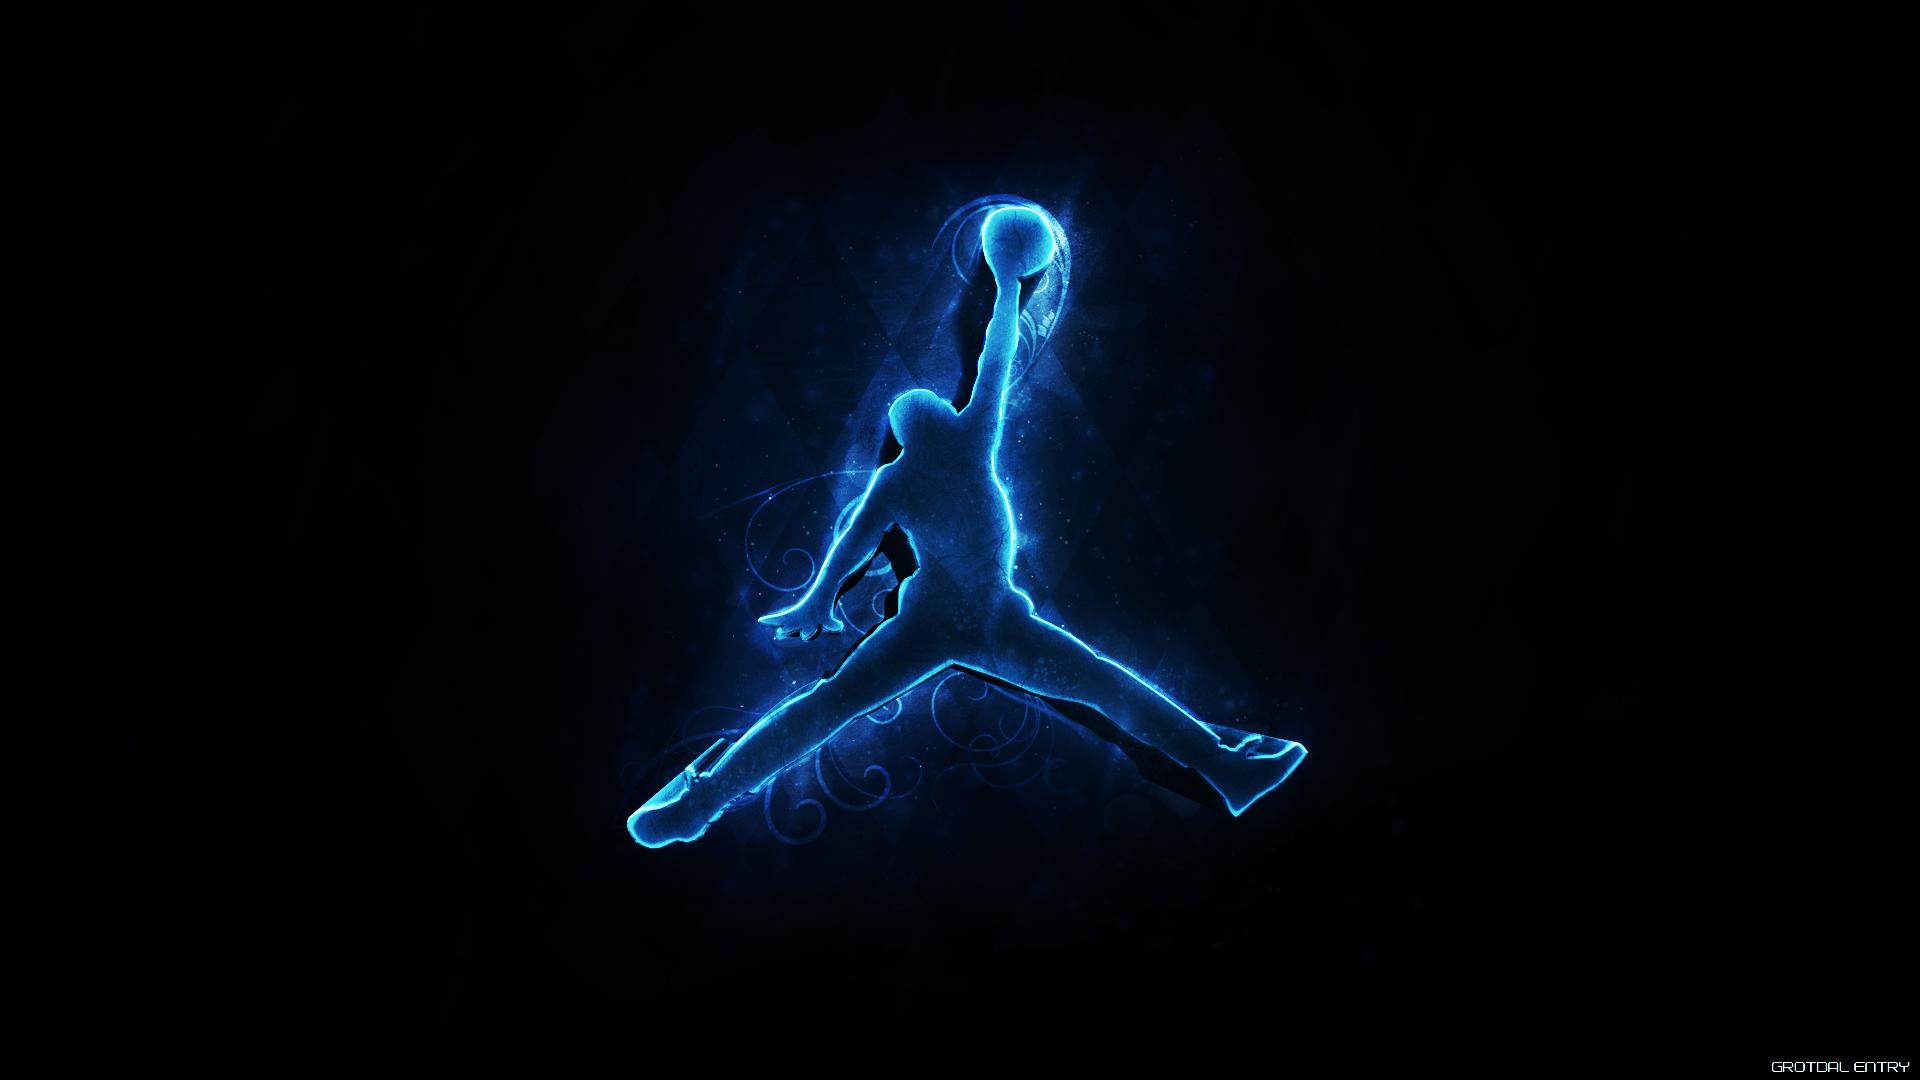 Air Jordan by EvilStudios 1920x1080